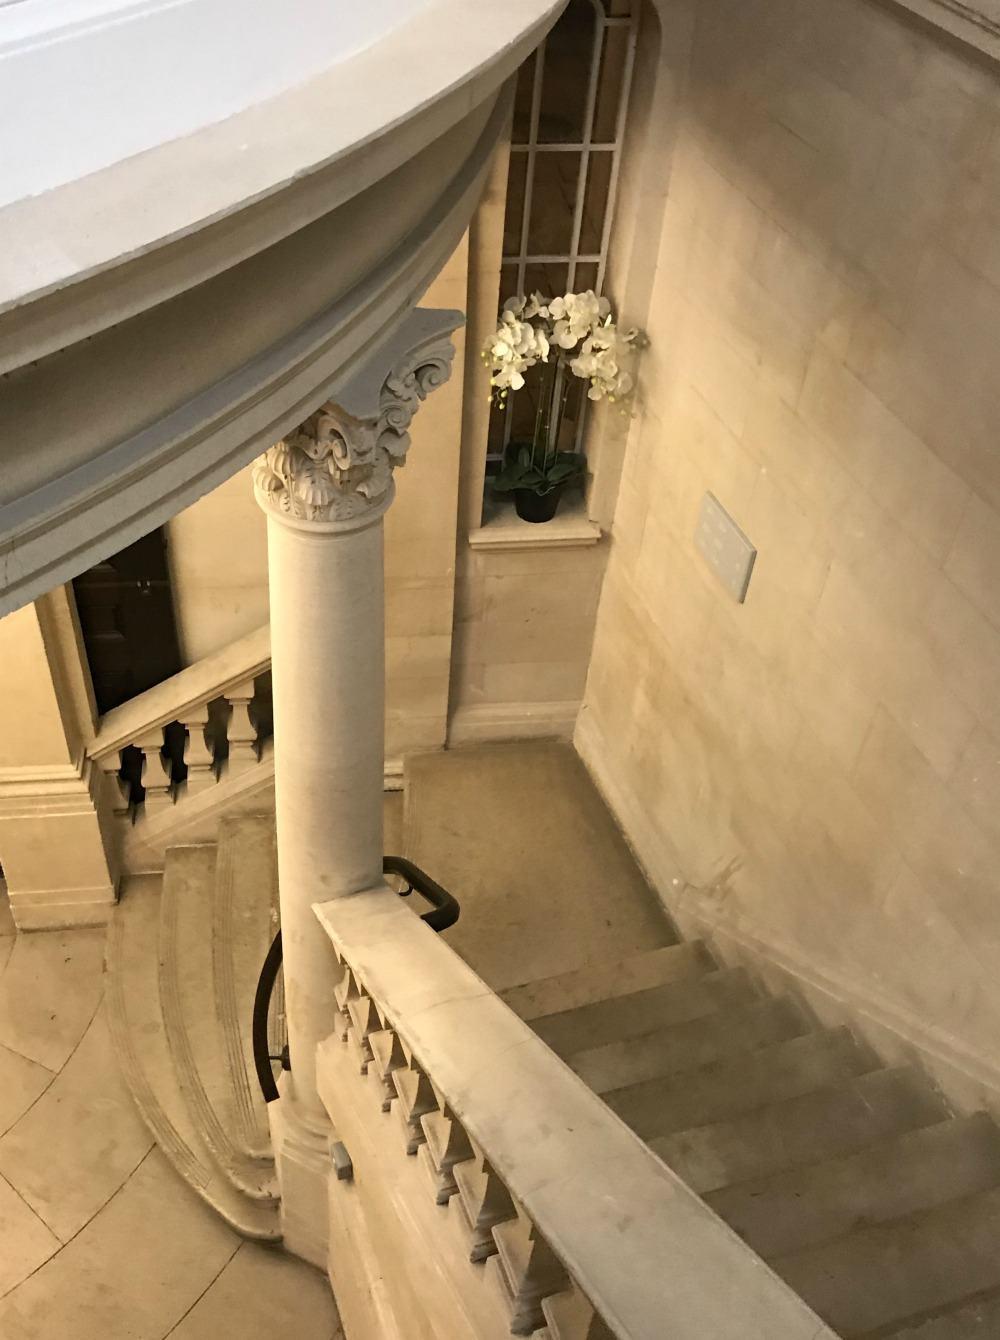 Bristol Harbour Hotel stairway Heatheronhertravels.com